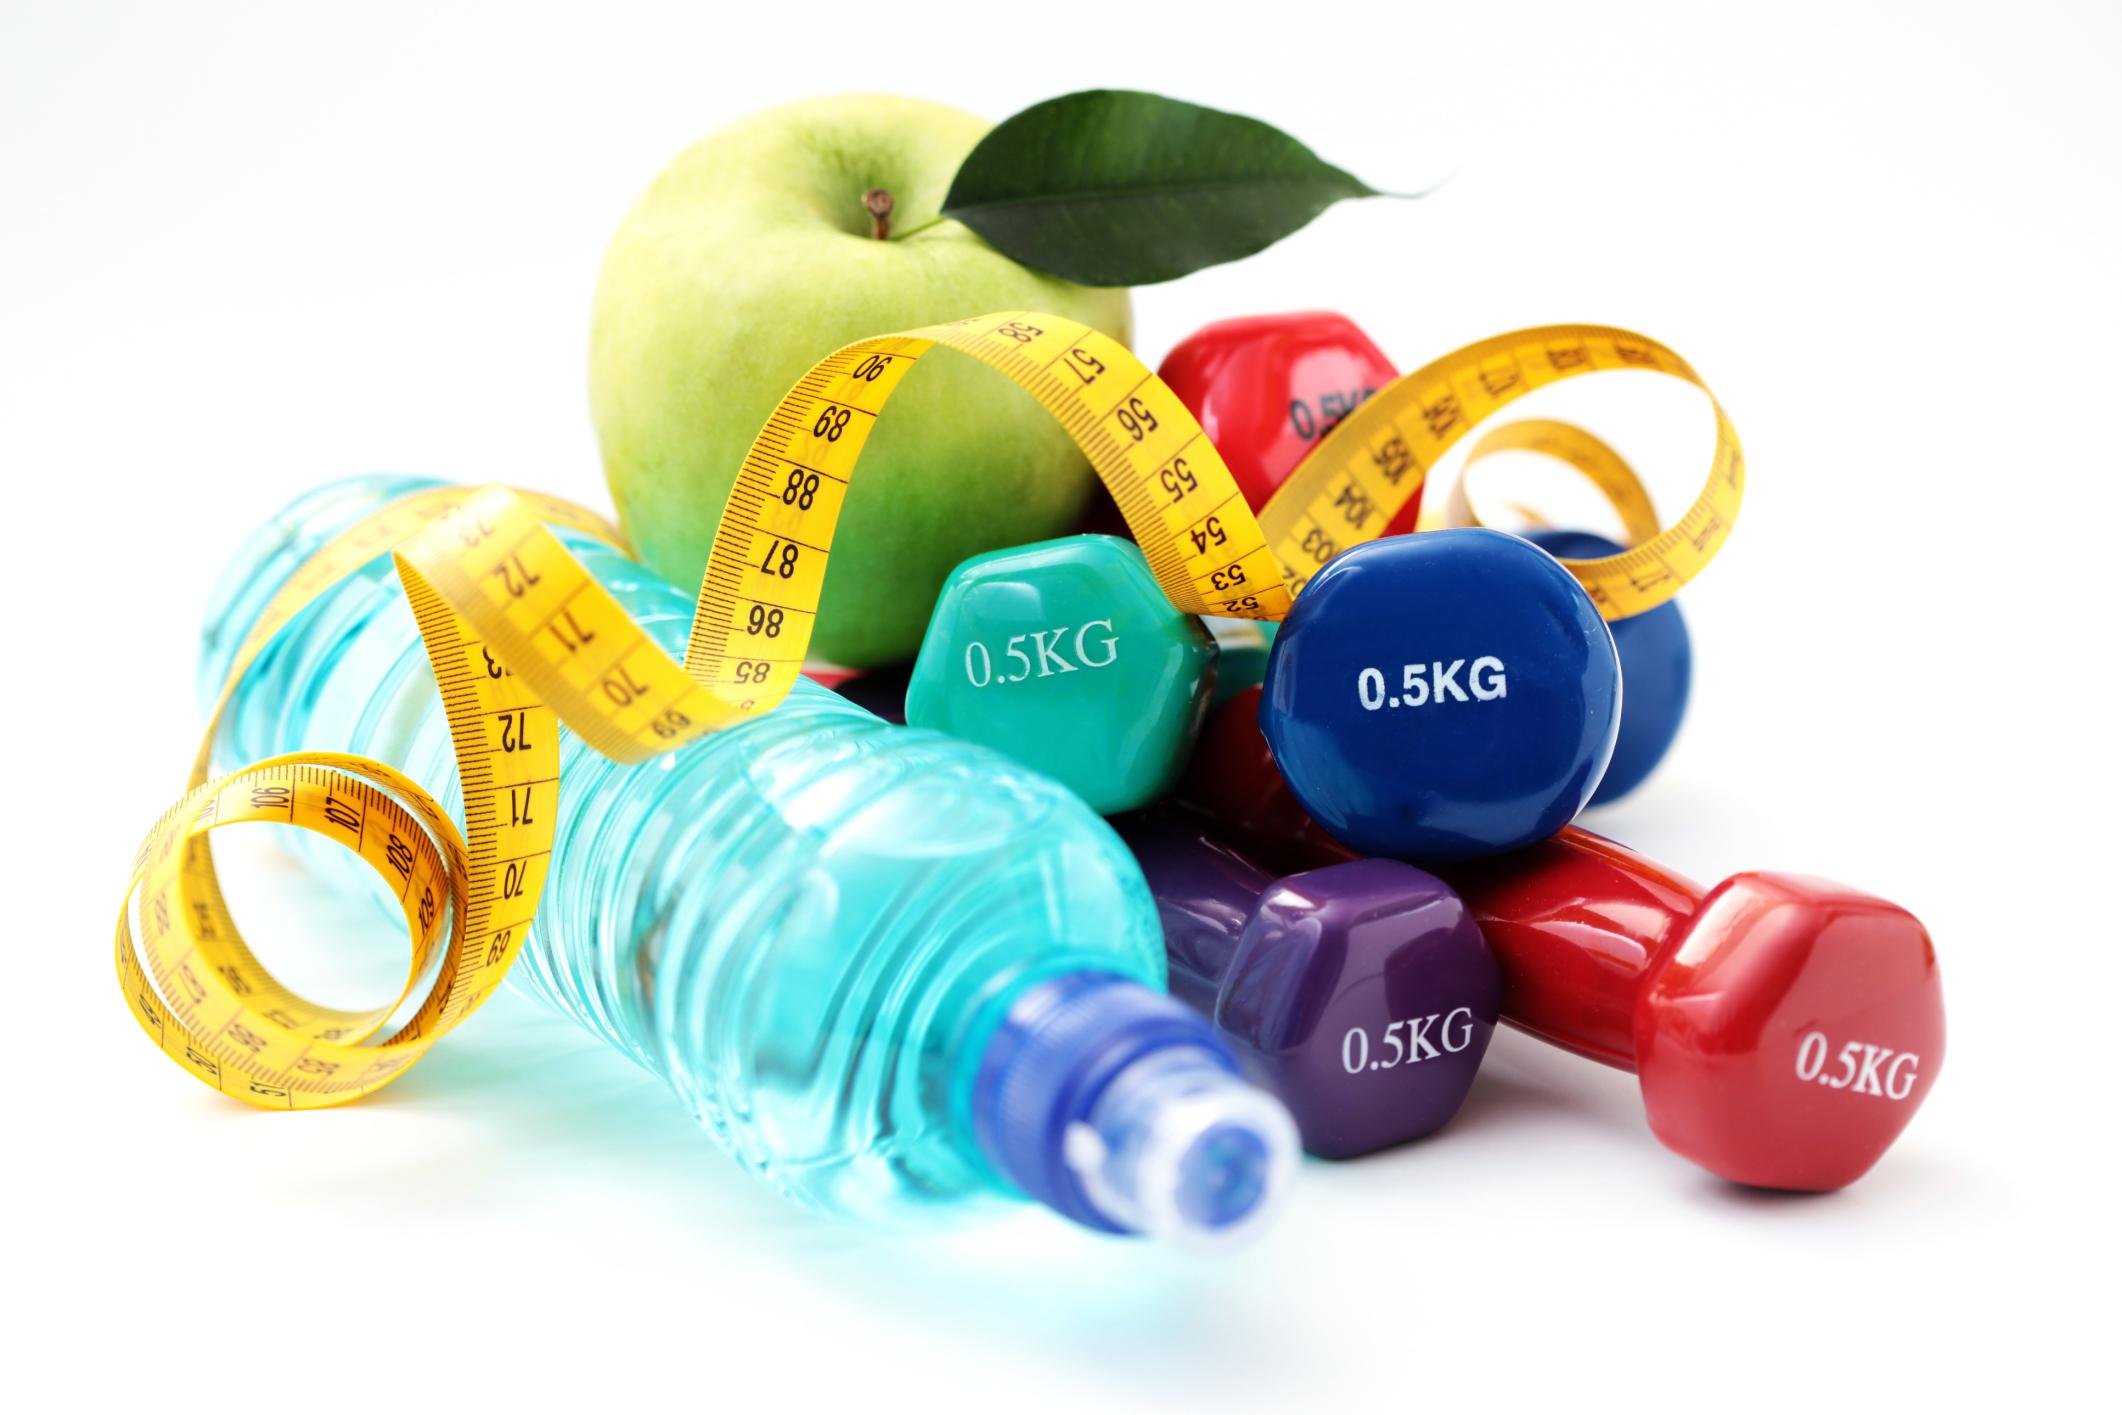 egészséges életmód súlyzók és alma